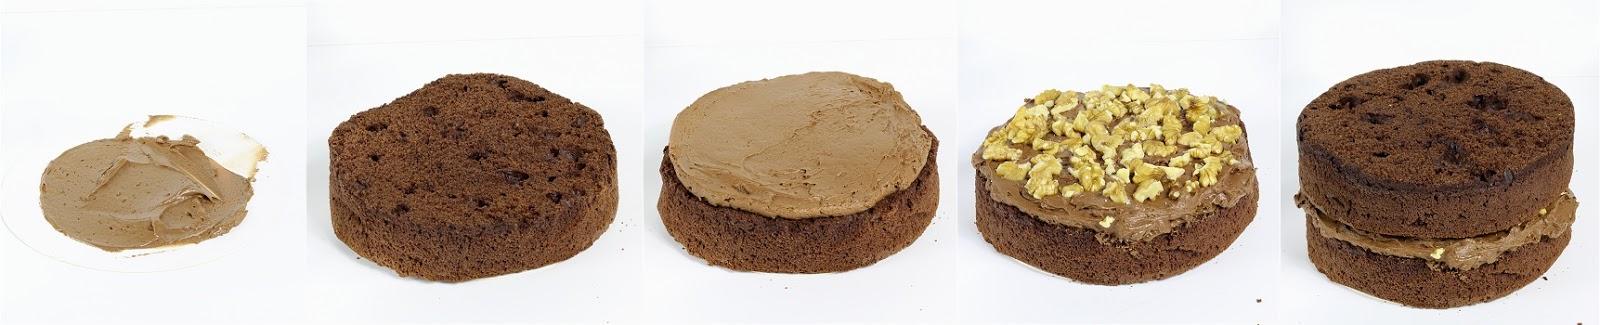 Schokoladen-Karamell-Walnuss-Himbeer-Torte - Drip Cake Anleitung 2